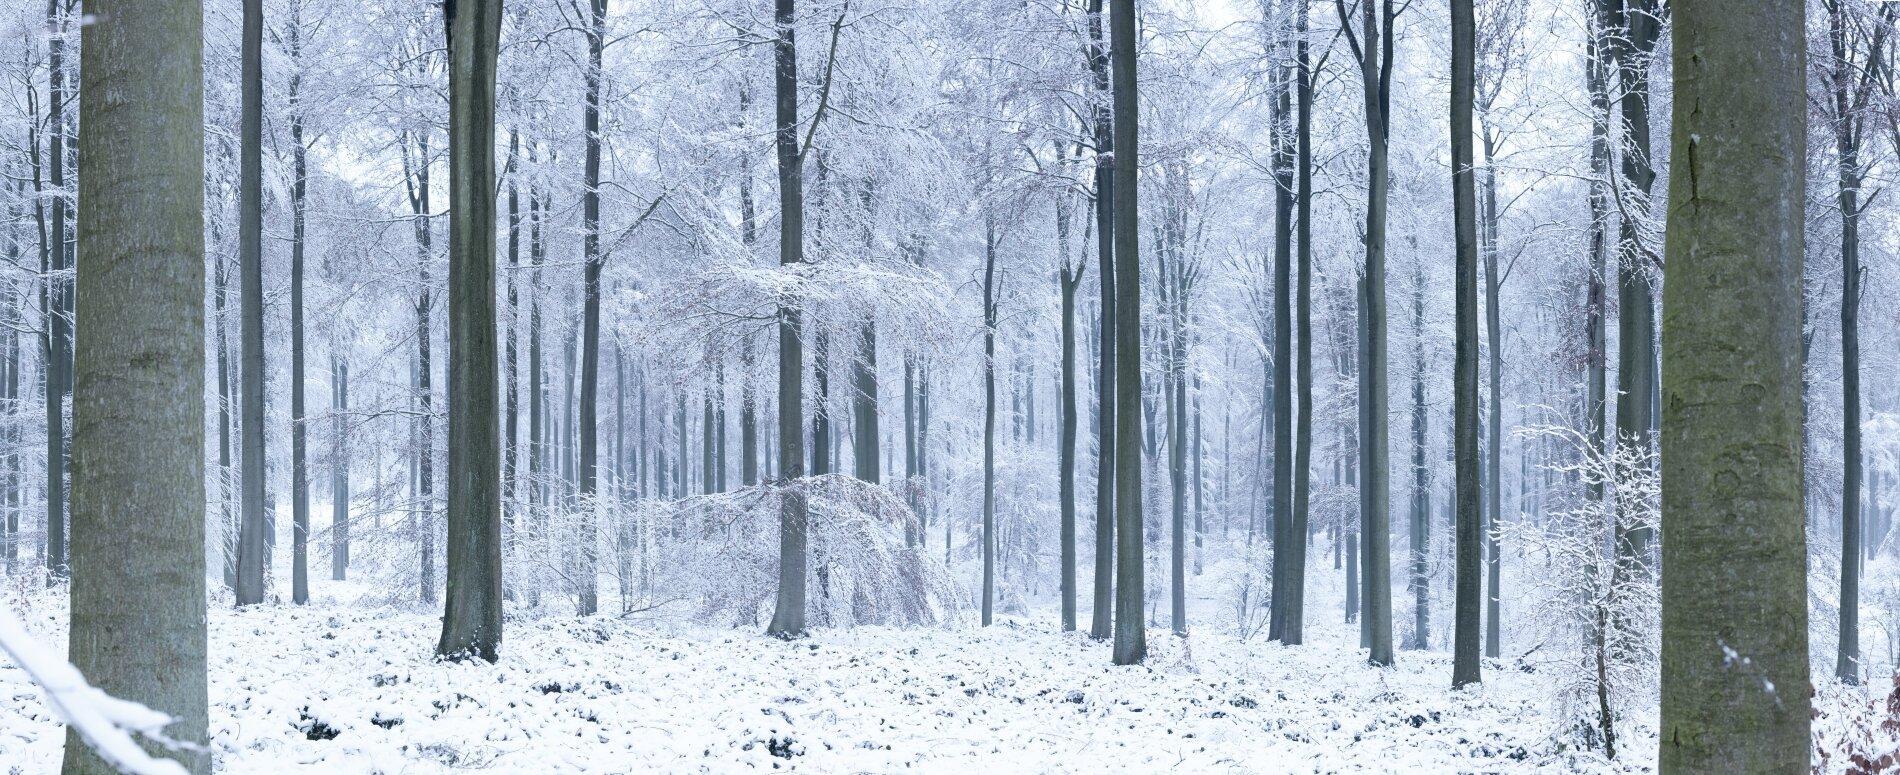 Beesneeuwd bos met hoge bomen